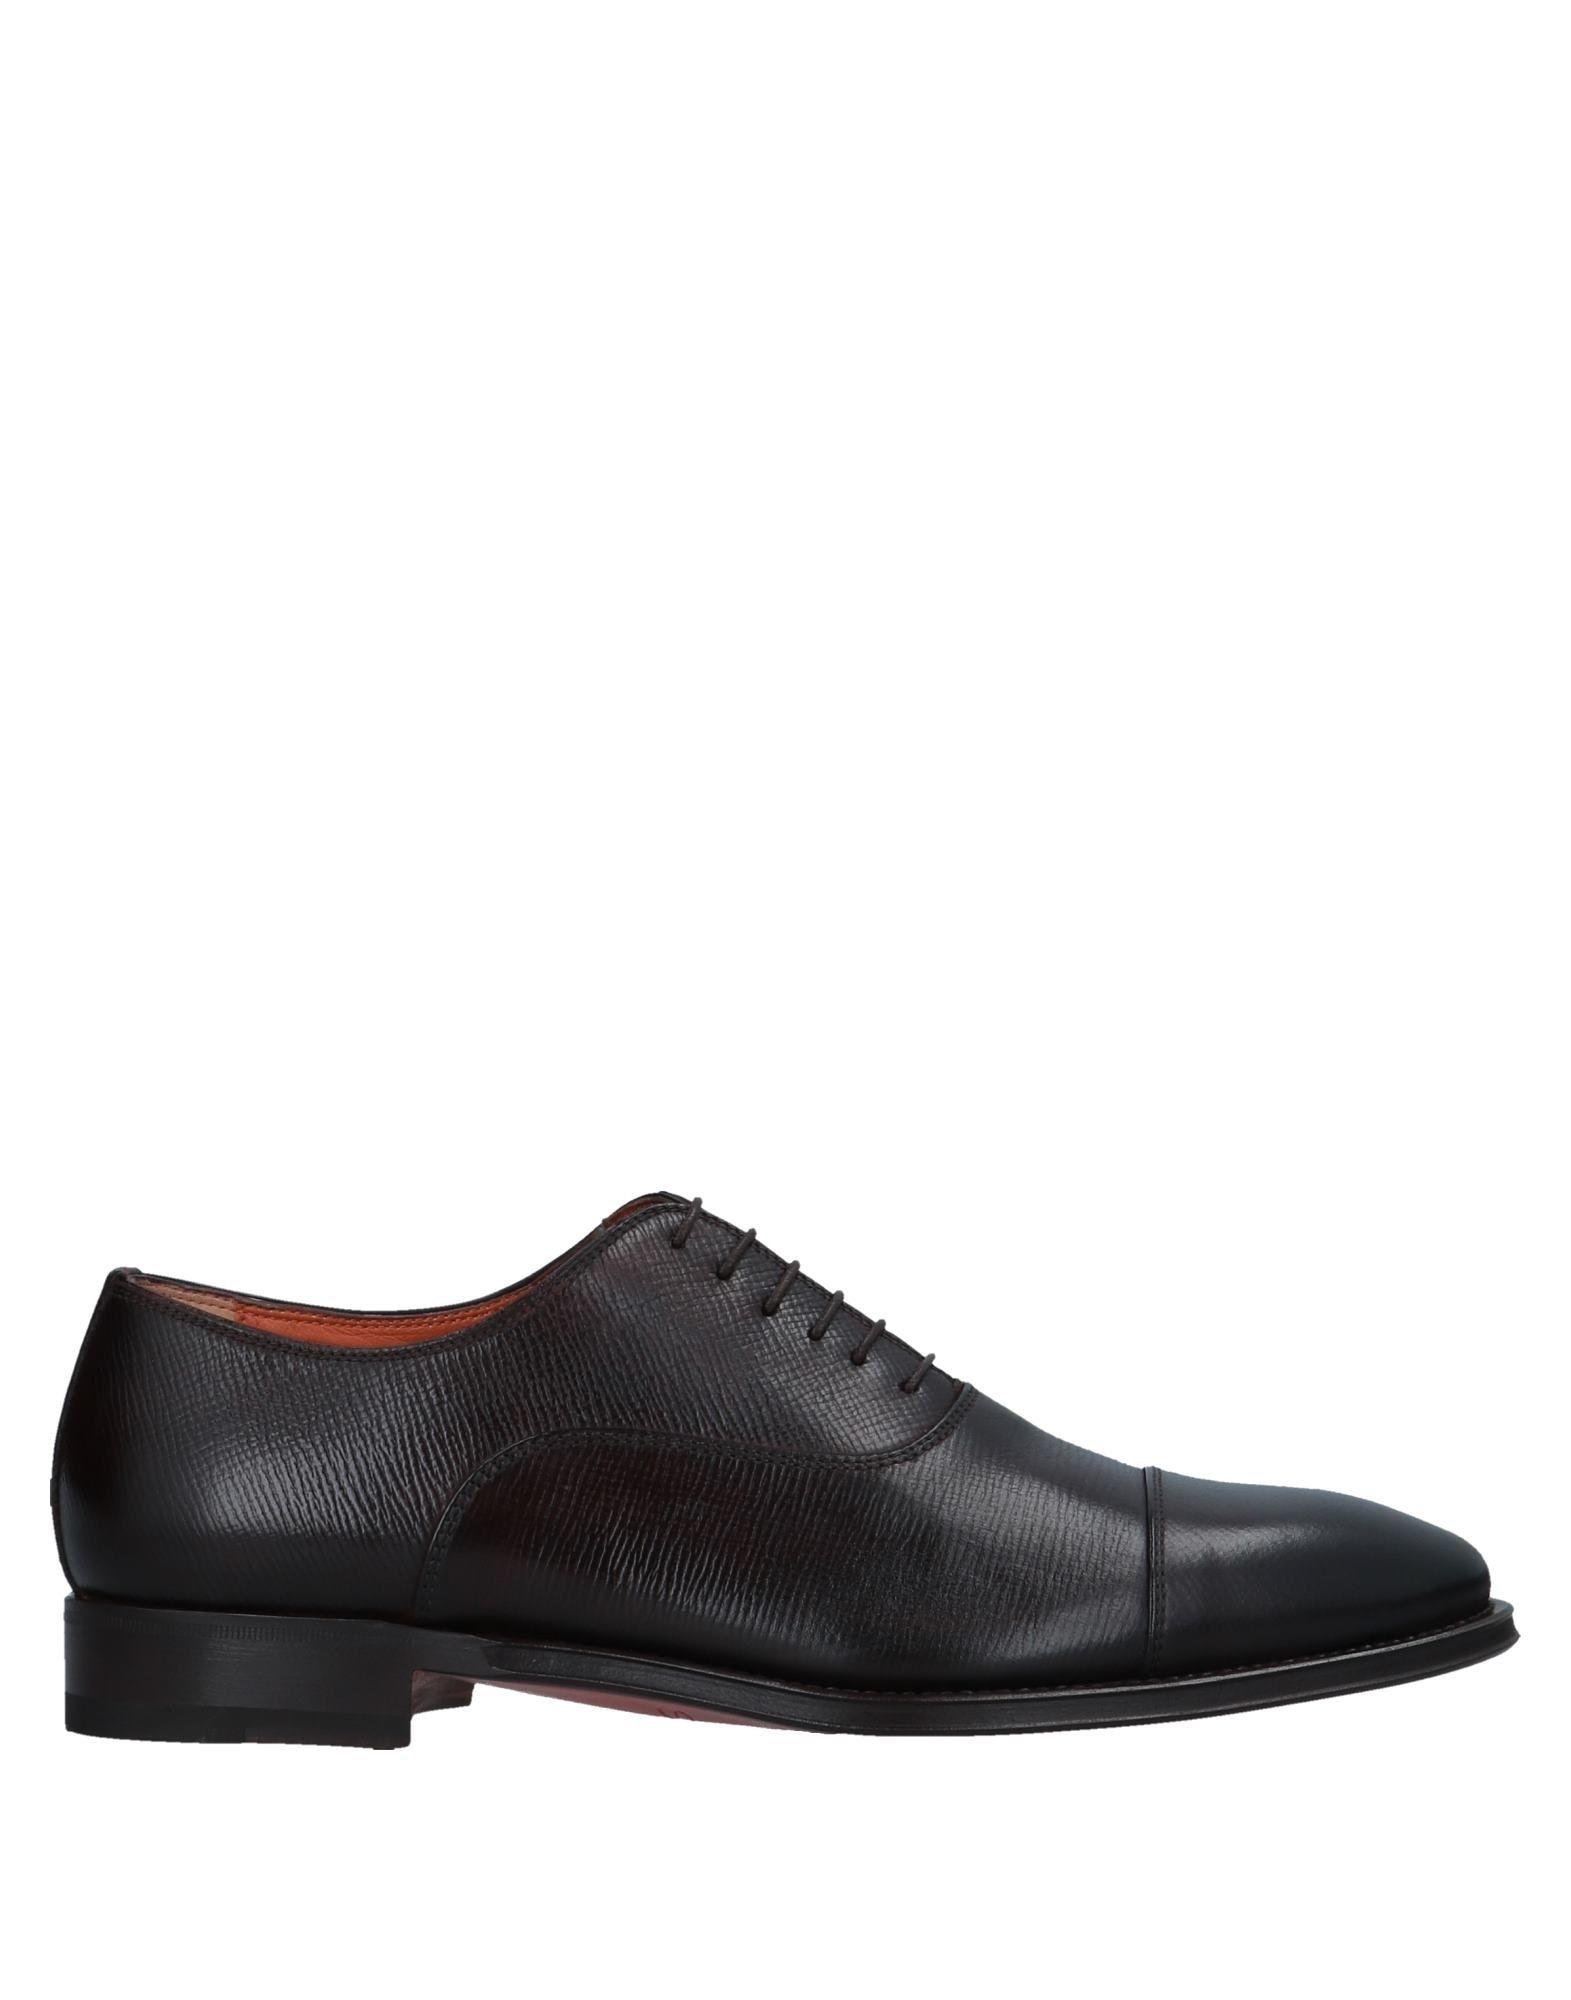 Santoni Schnürschuhe Herren  11541388DQ Gute Qualität beliebte Schuhe